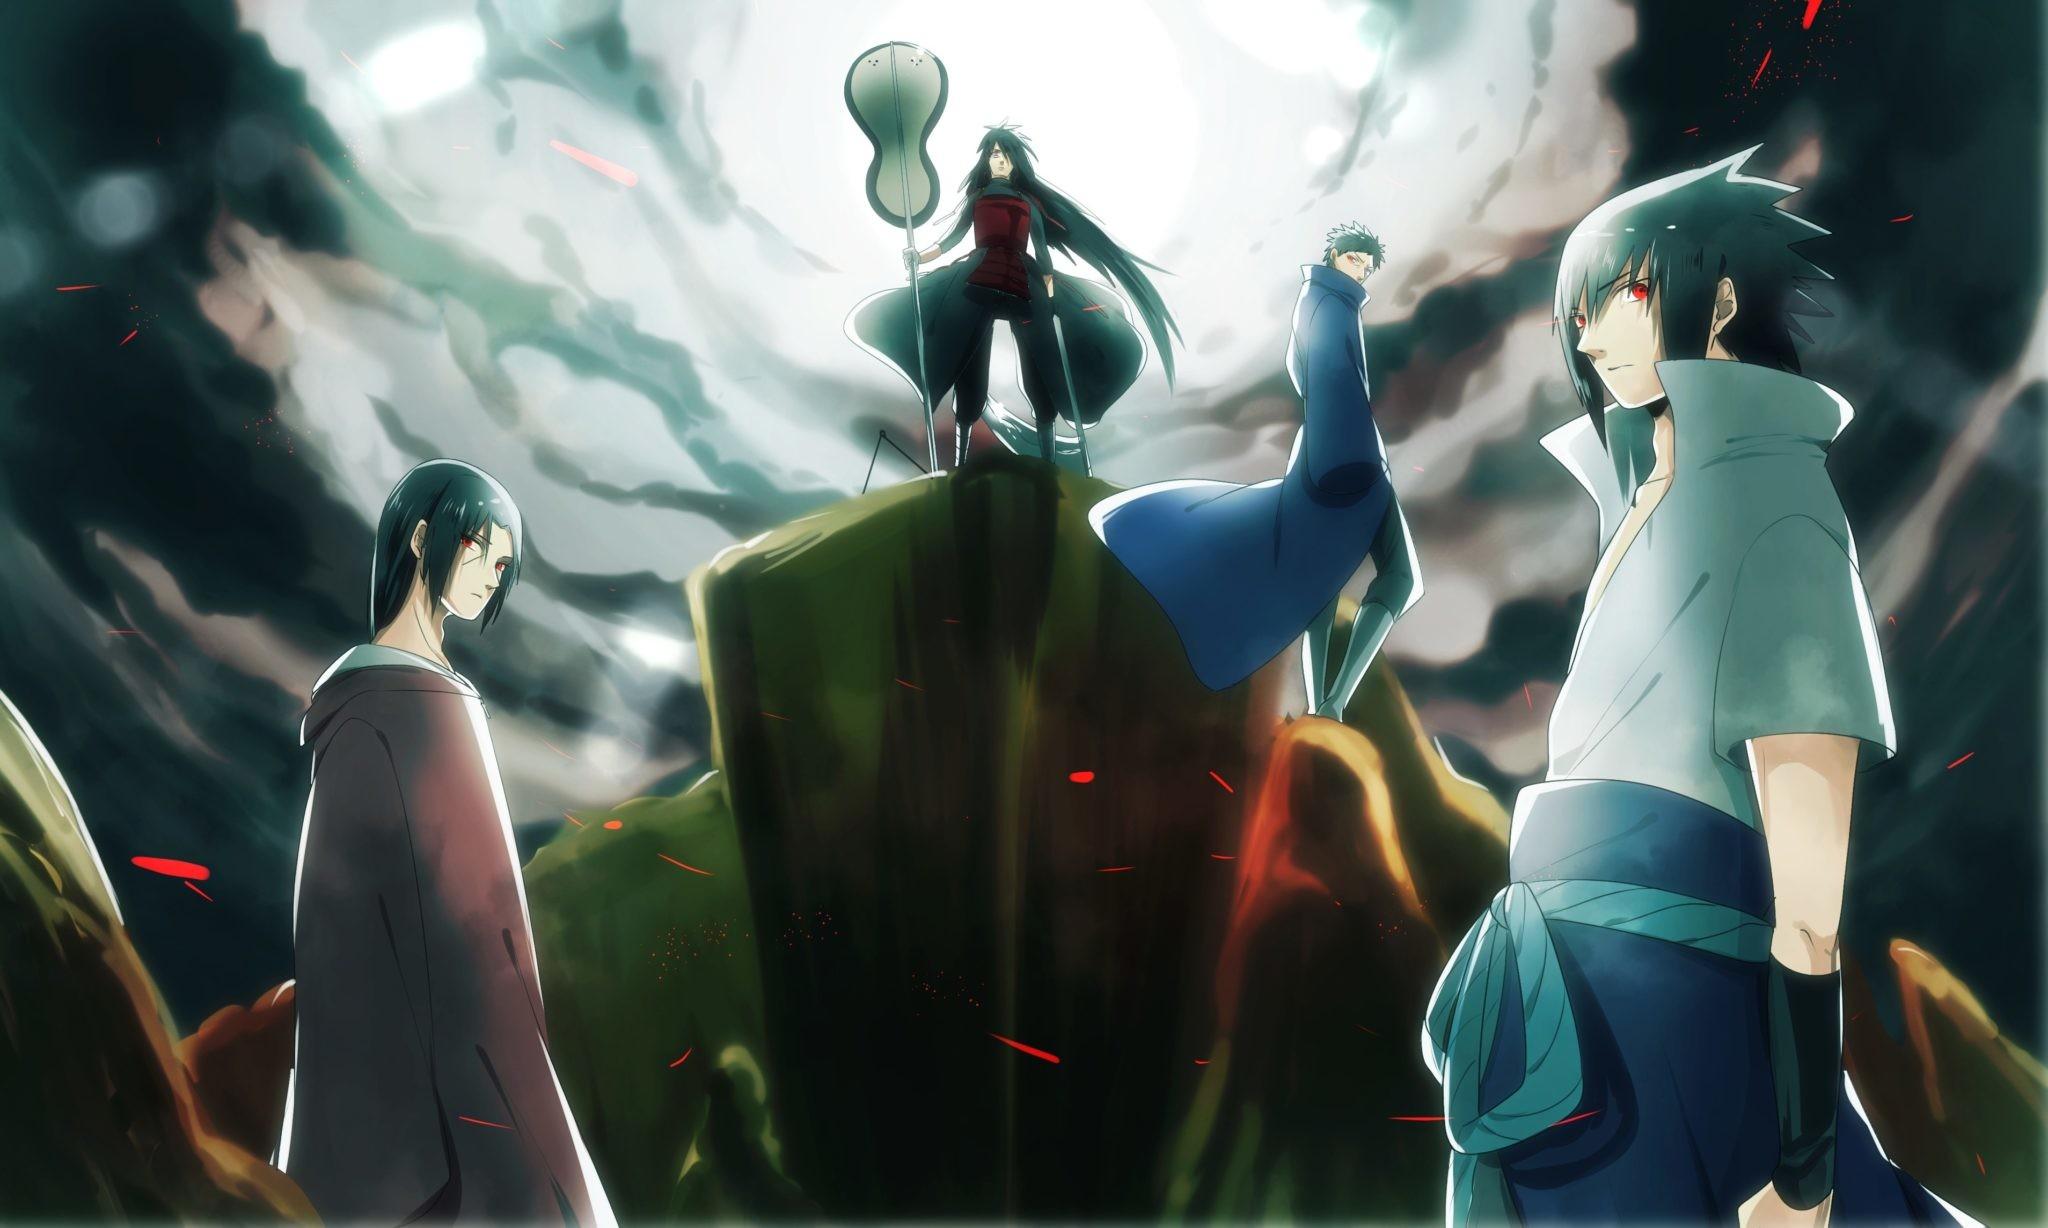 Sasuke Itachi Wallpaper (50+ images) Glowing Eyes Anime